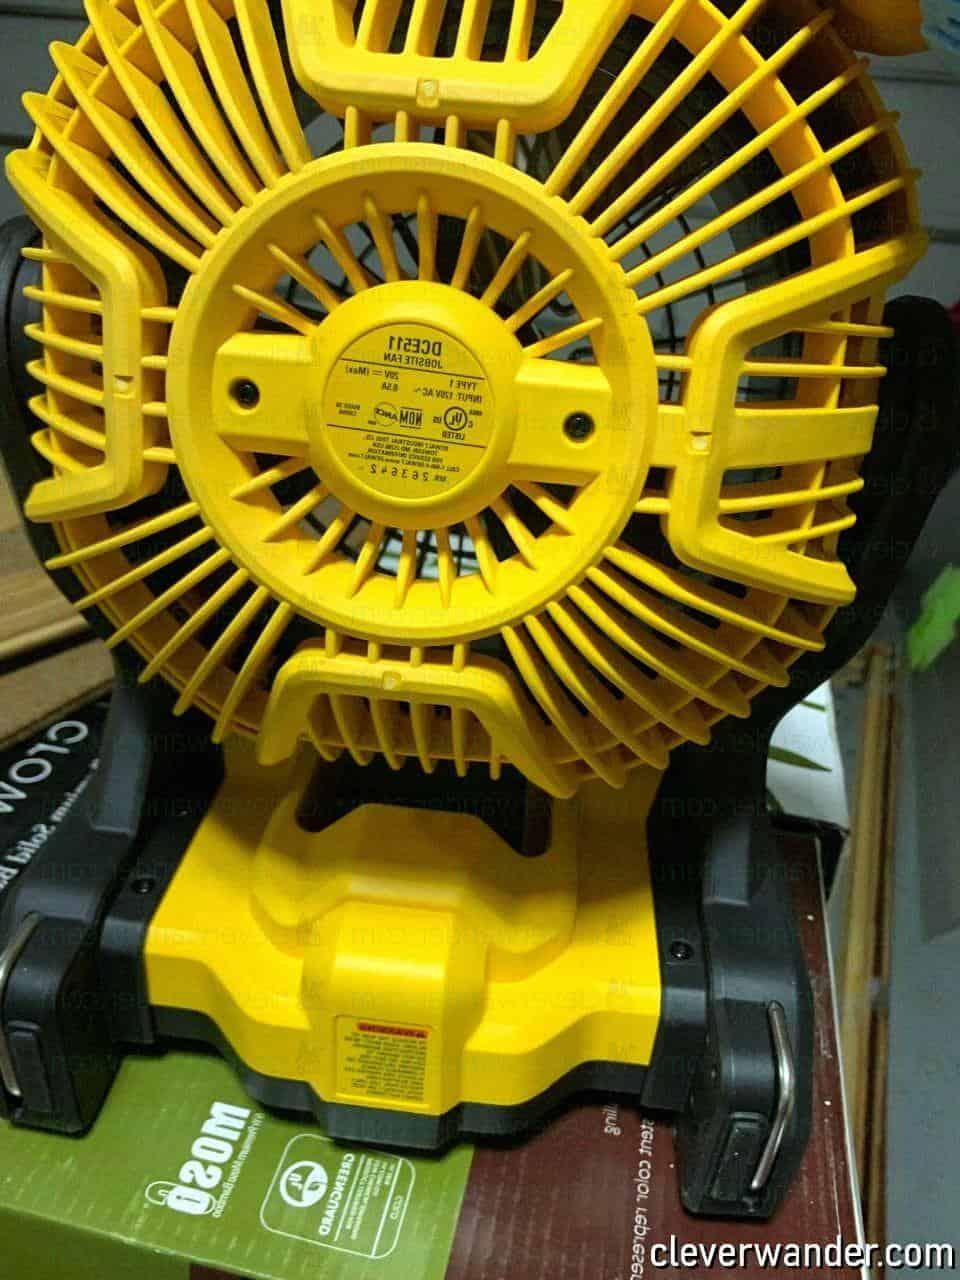 Dewalt DC3511B Cordless Jobsite Fan - image review 3